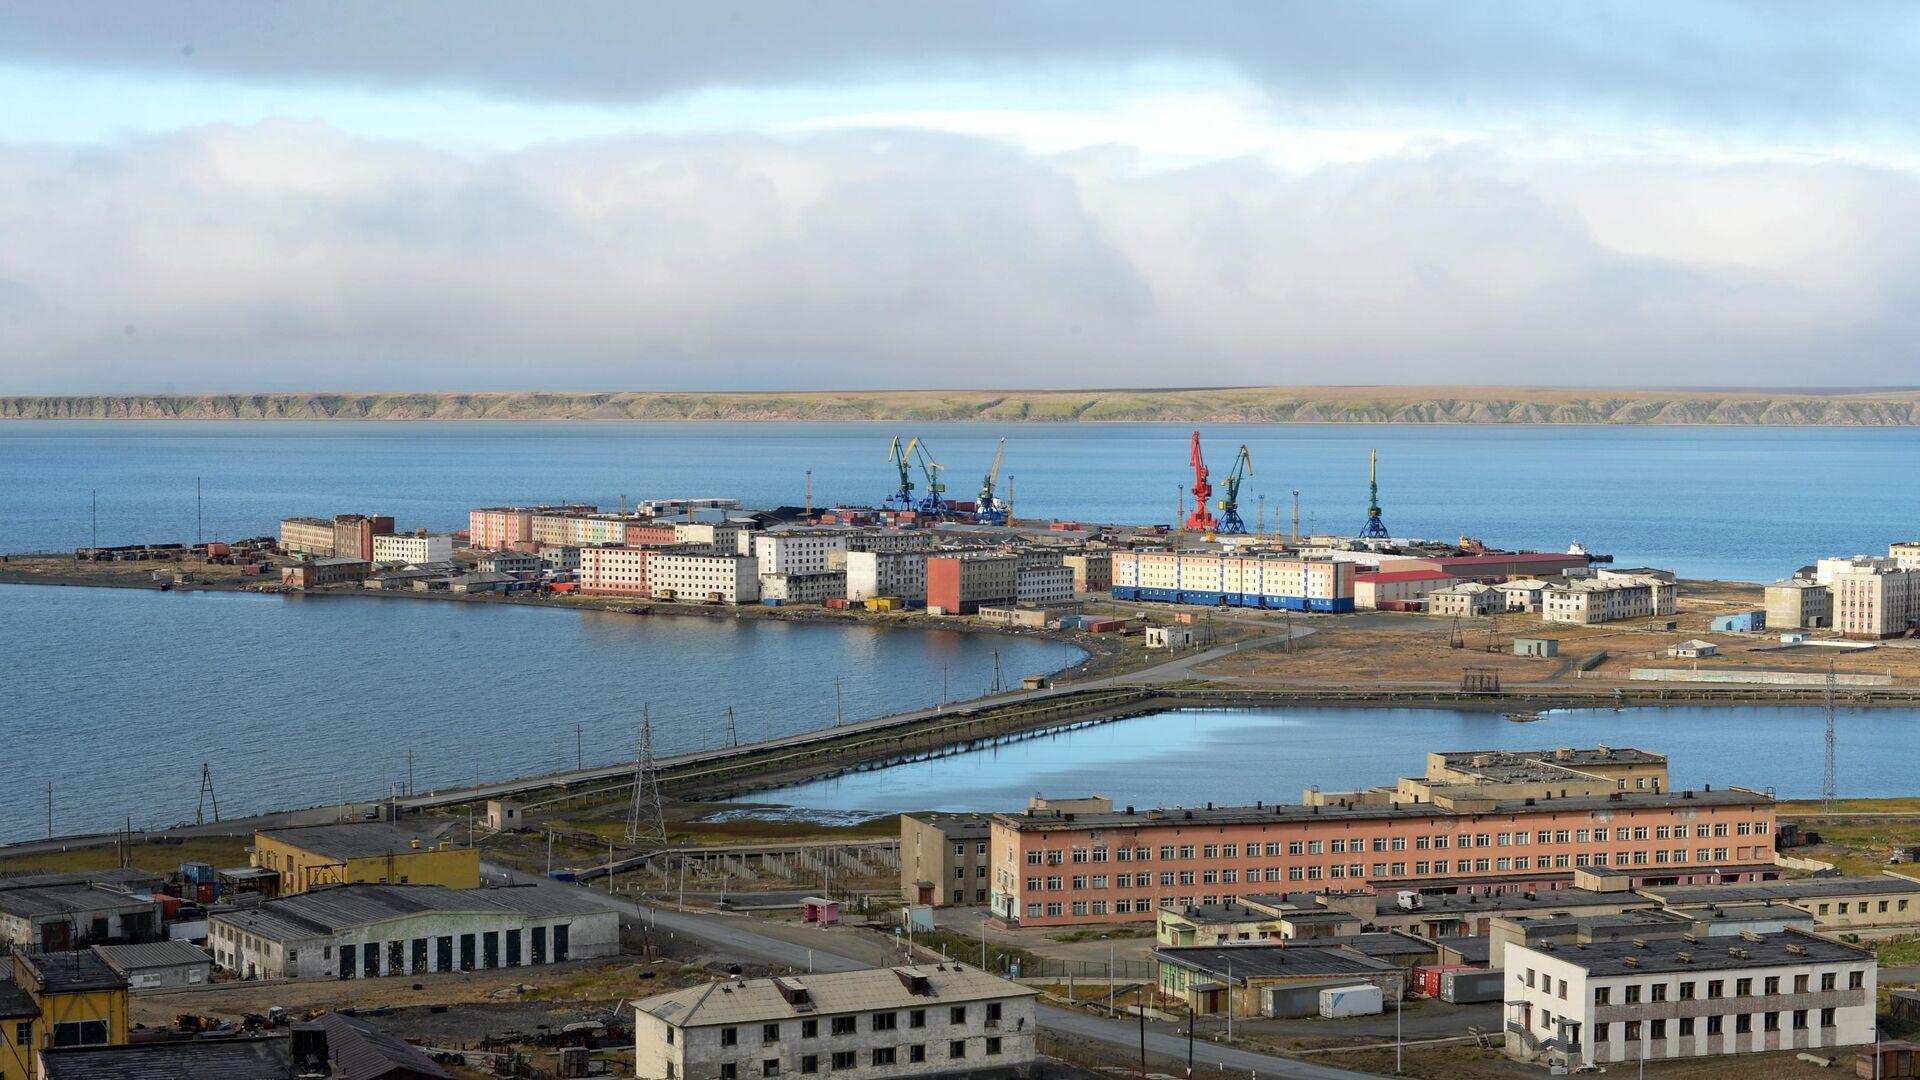 Вид на Морской порт города Певек - РИА Новости, 1920, 05.04.2021